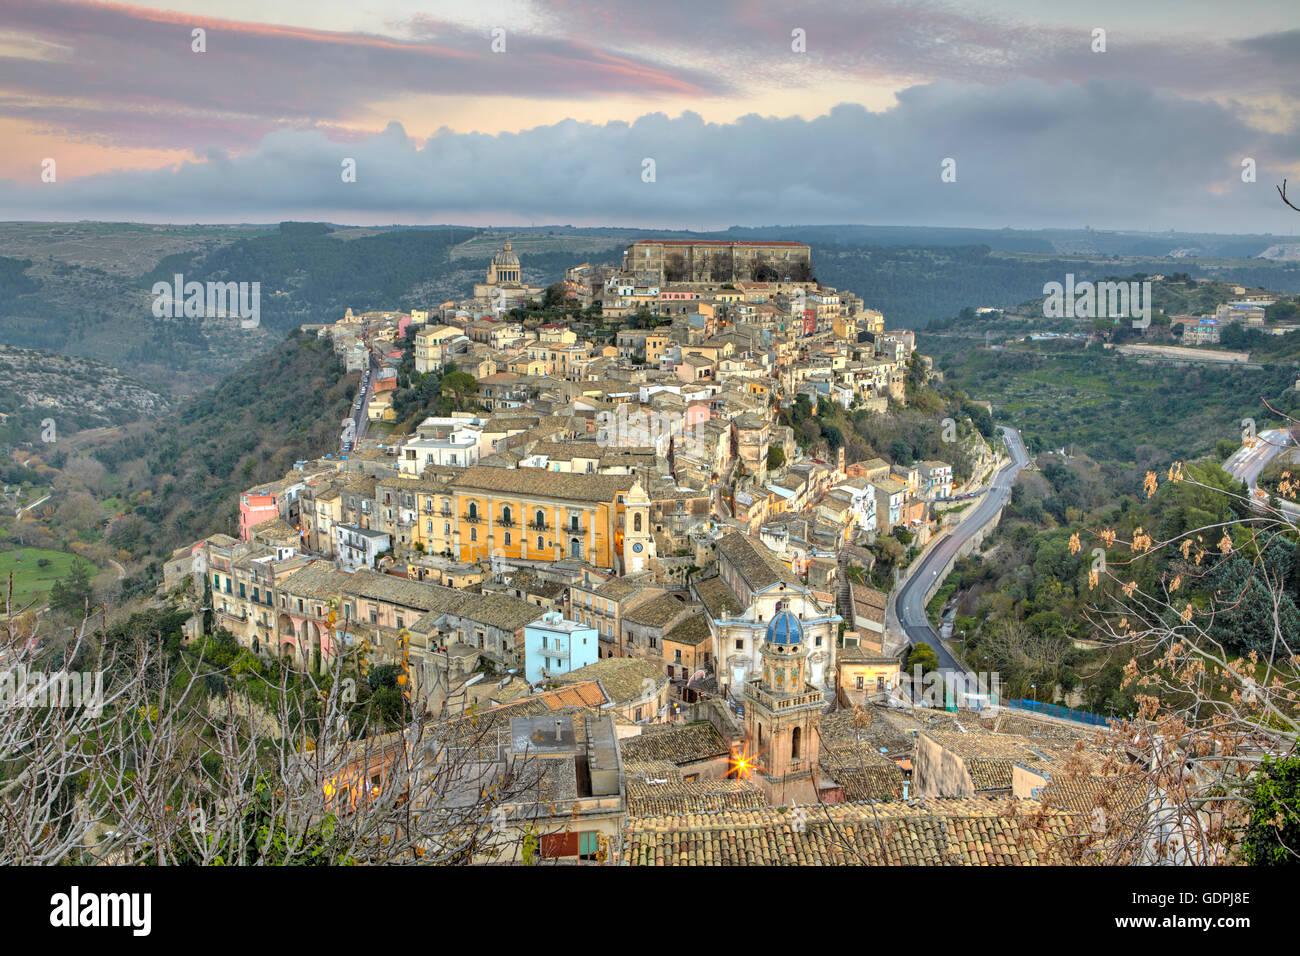 Ciudad de Ragusa Ibla al anochecer, Sicilia, Italia Imagen De Stock